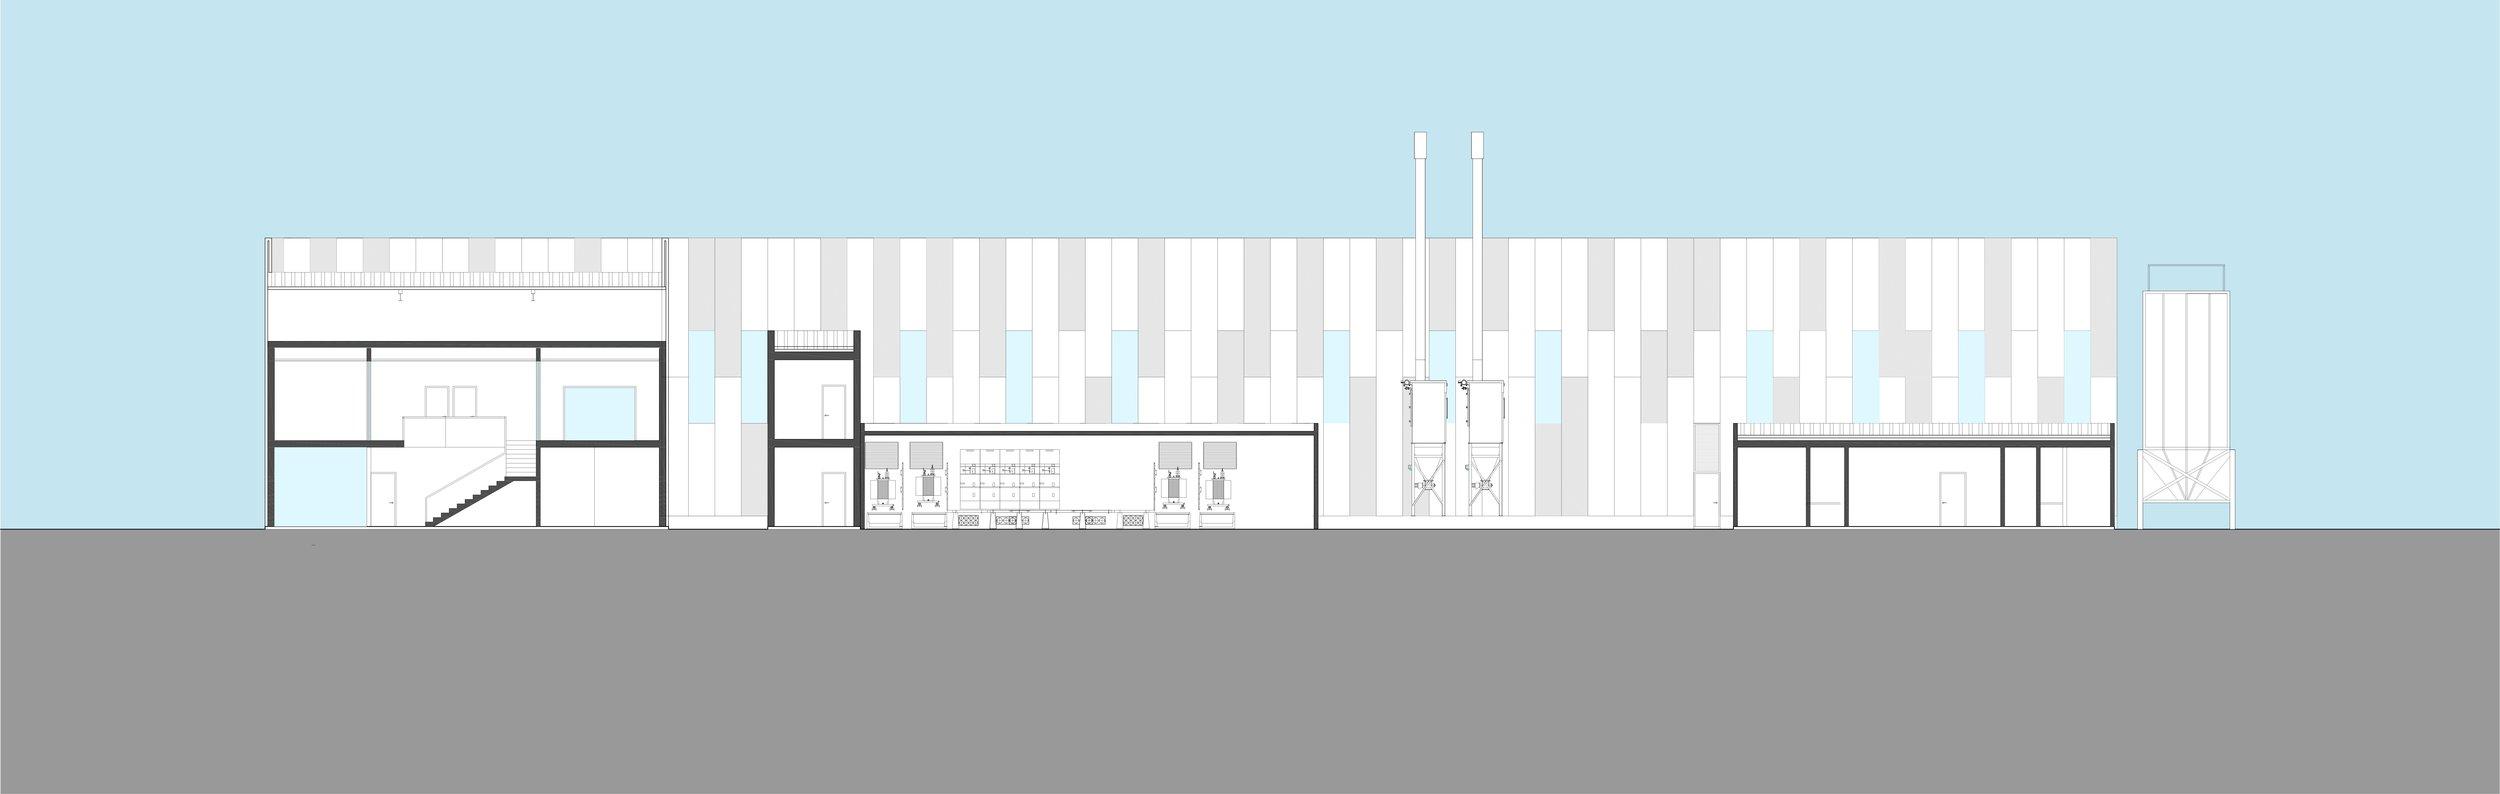 Paulo Miguez Arquitectos - Unidade Industrial - Rio Maior - CAST 3.jpg